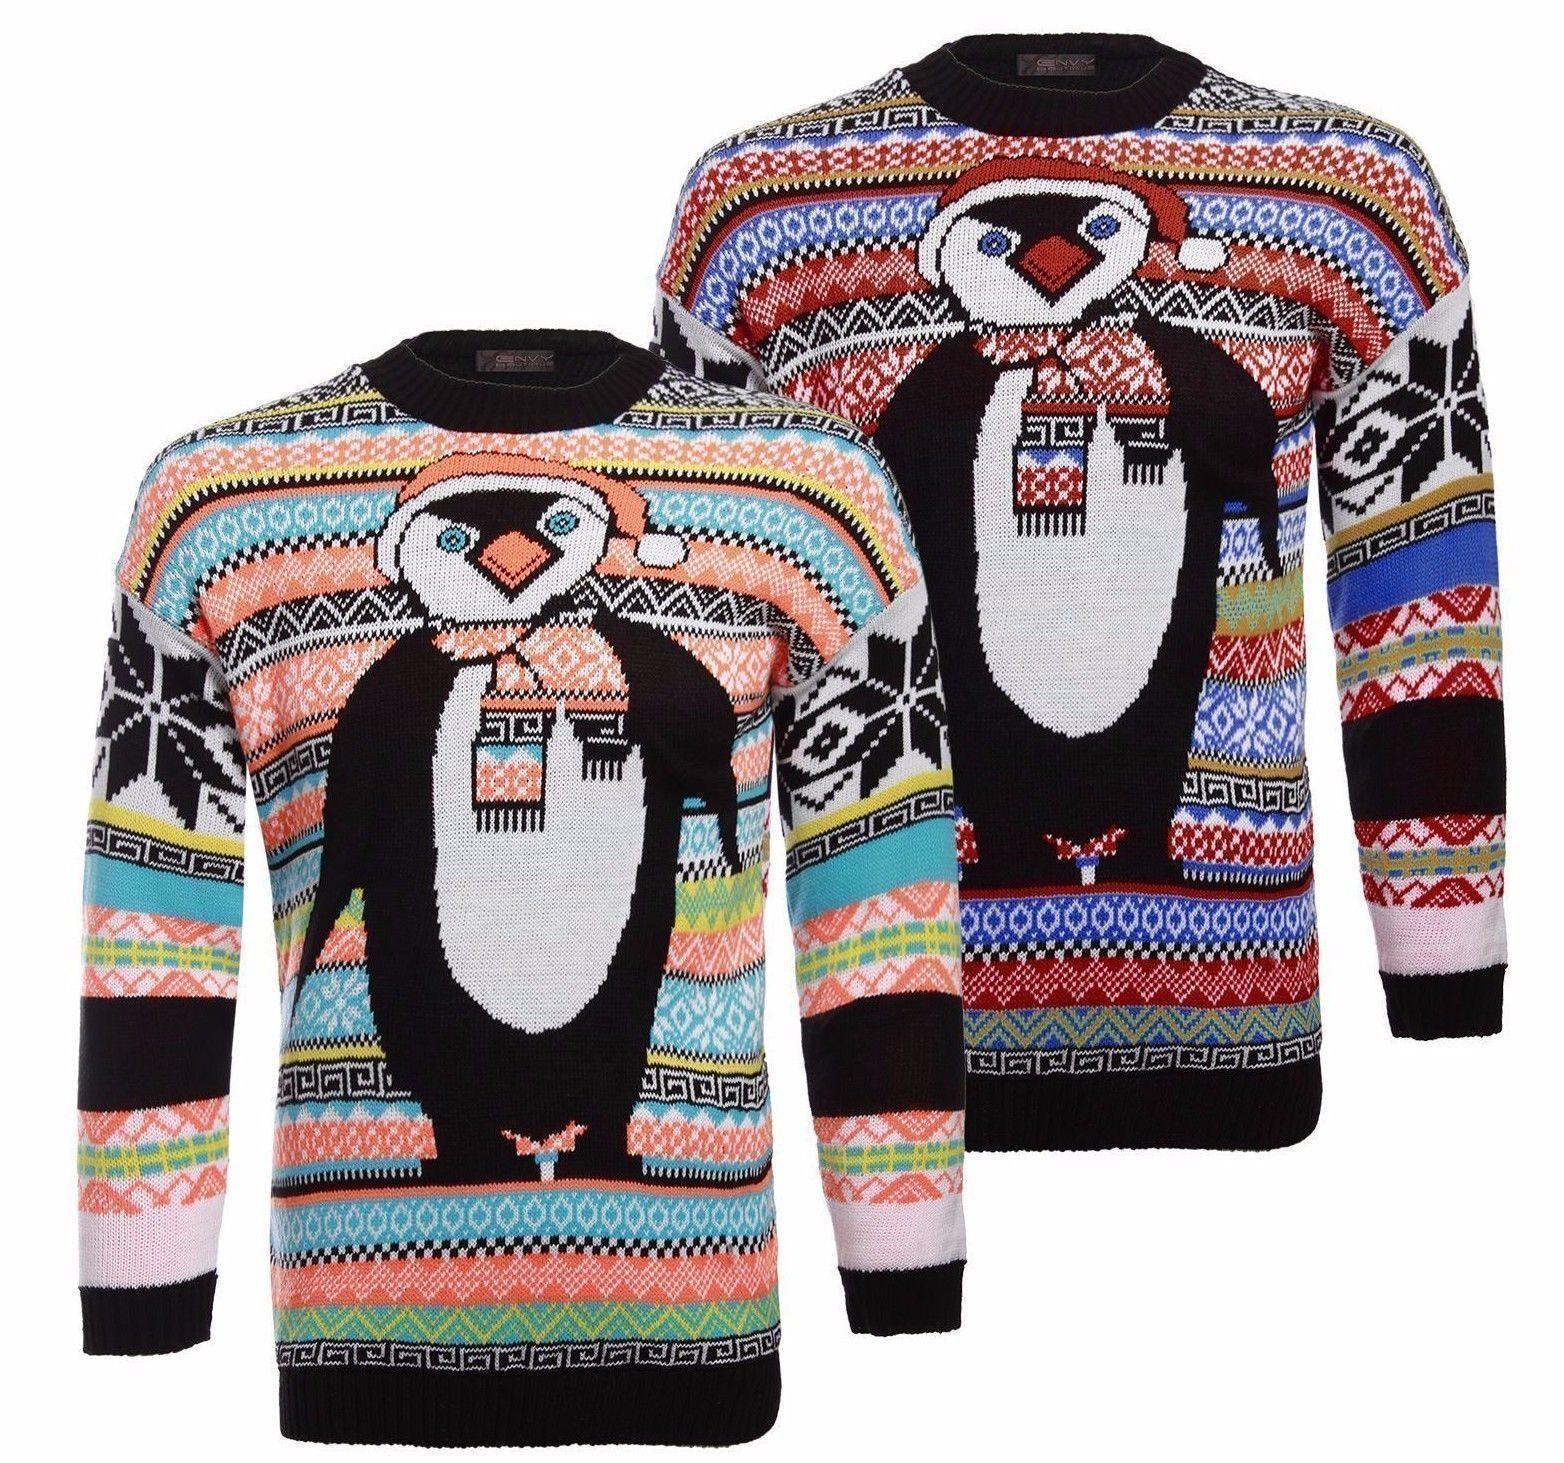 Nuevo Suéter Para Hombre Mujer Unisex Navidad Jersey  Top Cochedigan Novedad Fiesta De Navidad  venta al por mayor barato